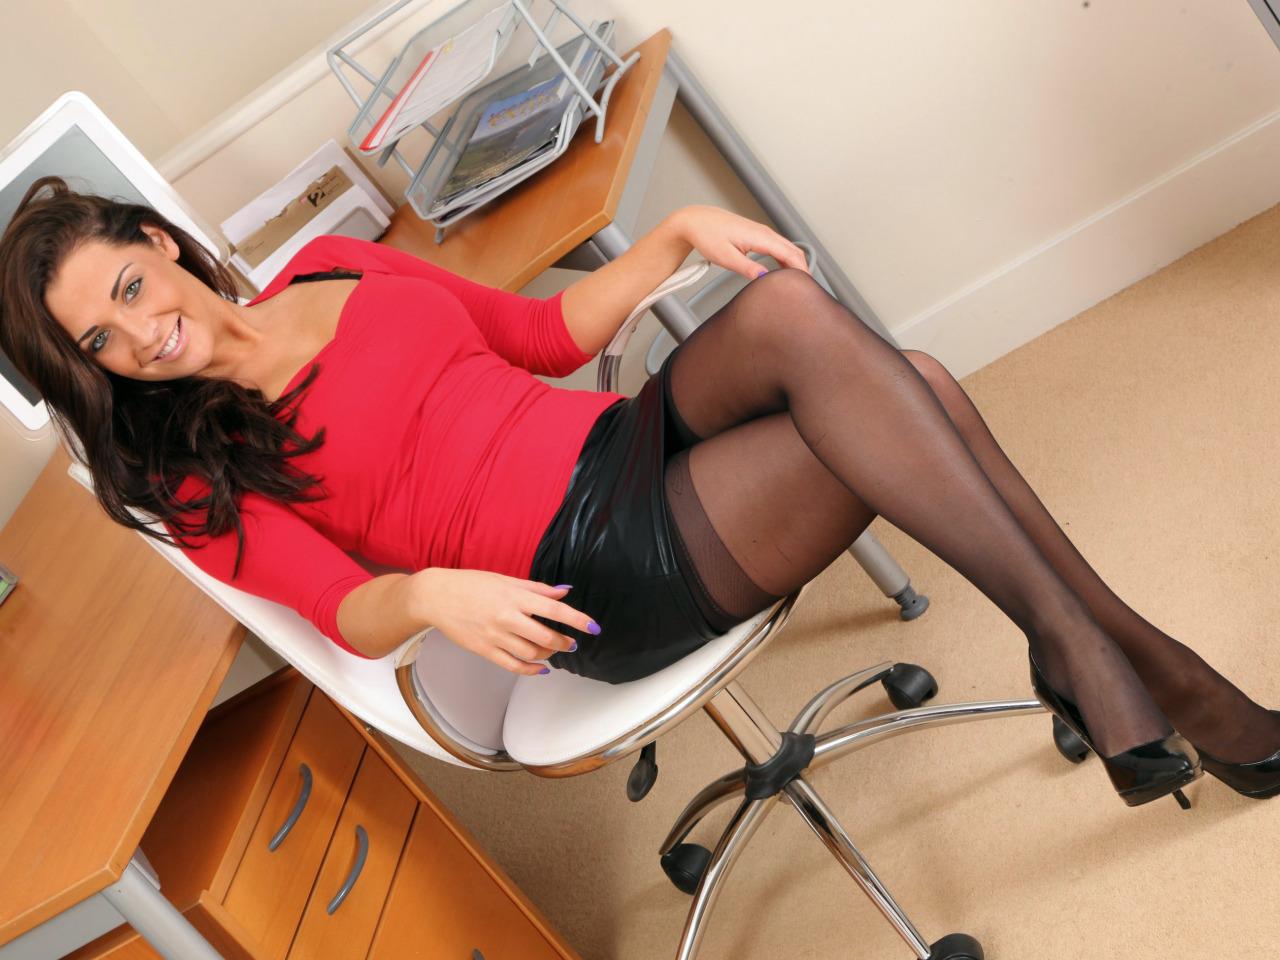 Секретарша сексуальная в чулках пикап